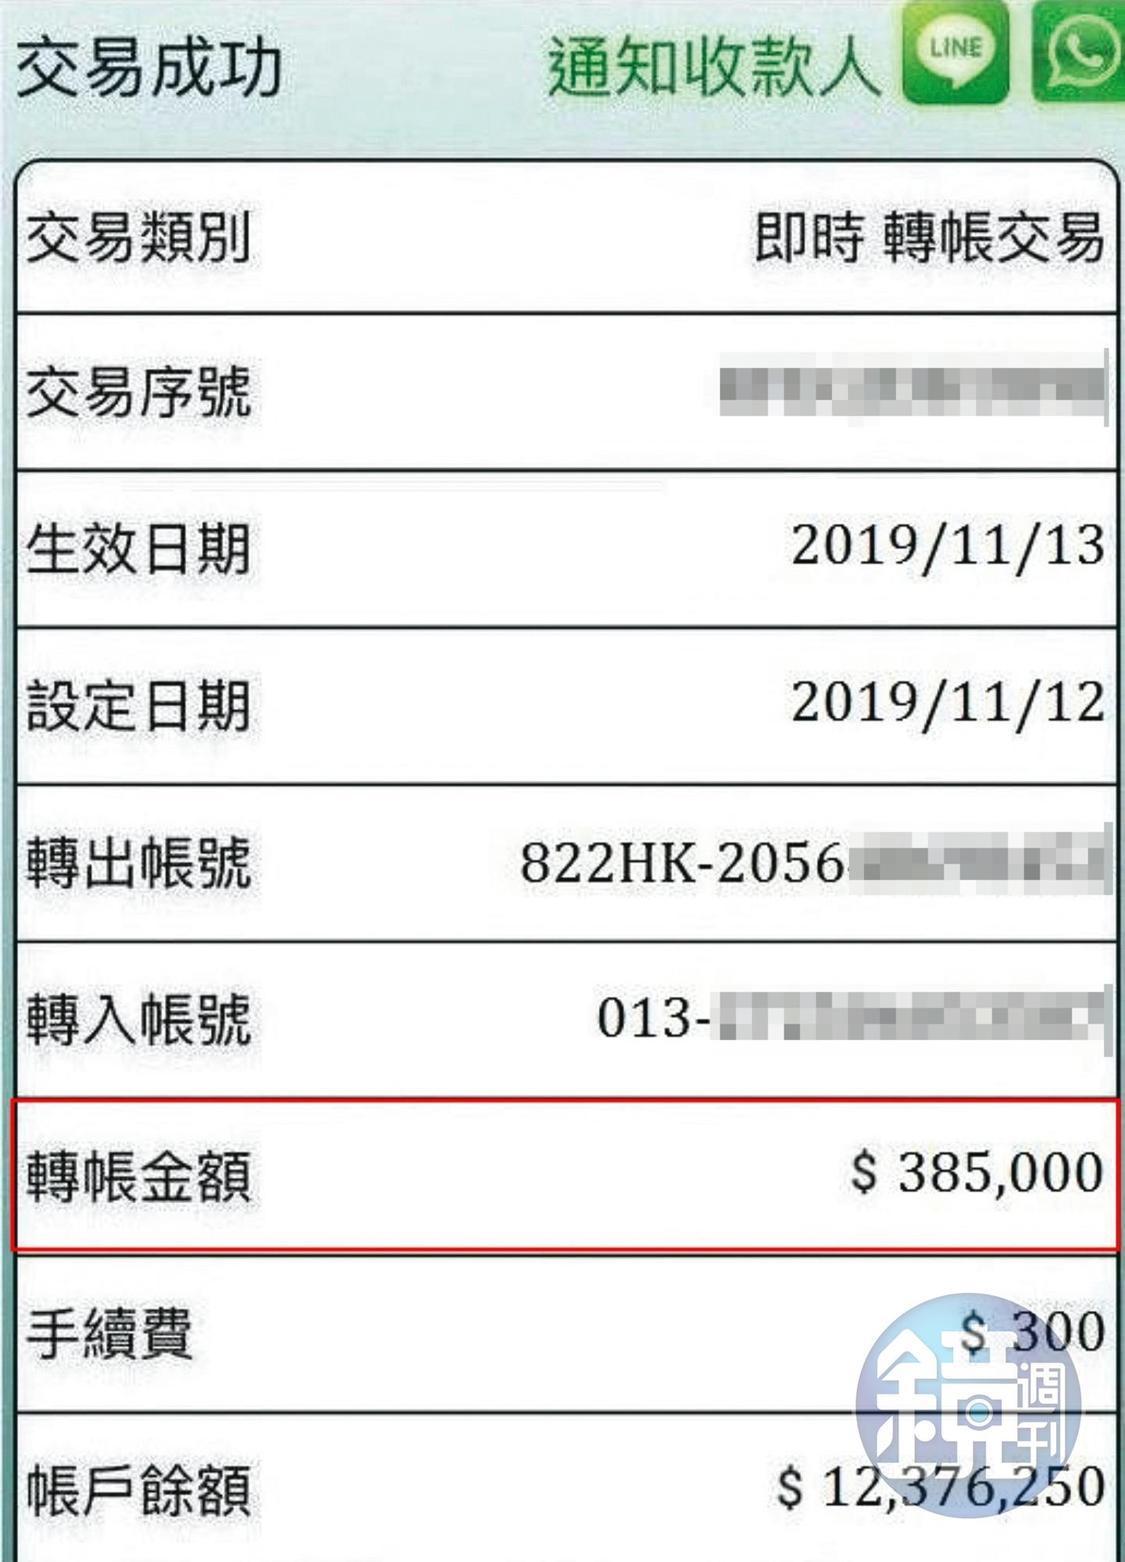 假富豪楊震豪傳假造匯款明細傳給小安,說匯了385,000元,還要小安把他多匯款的35,000元領出來給他。(讀者提供)